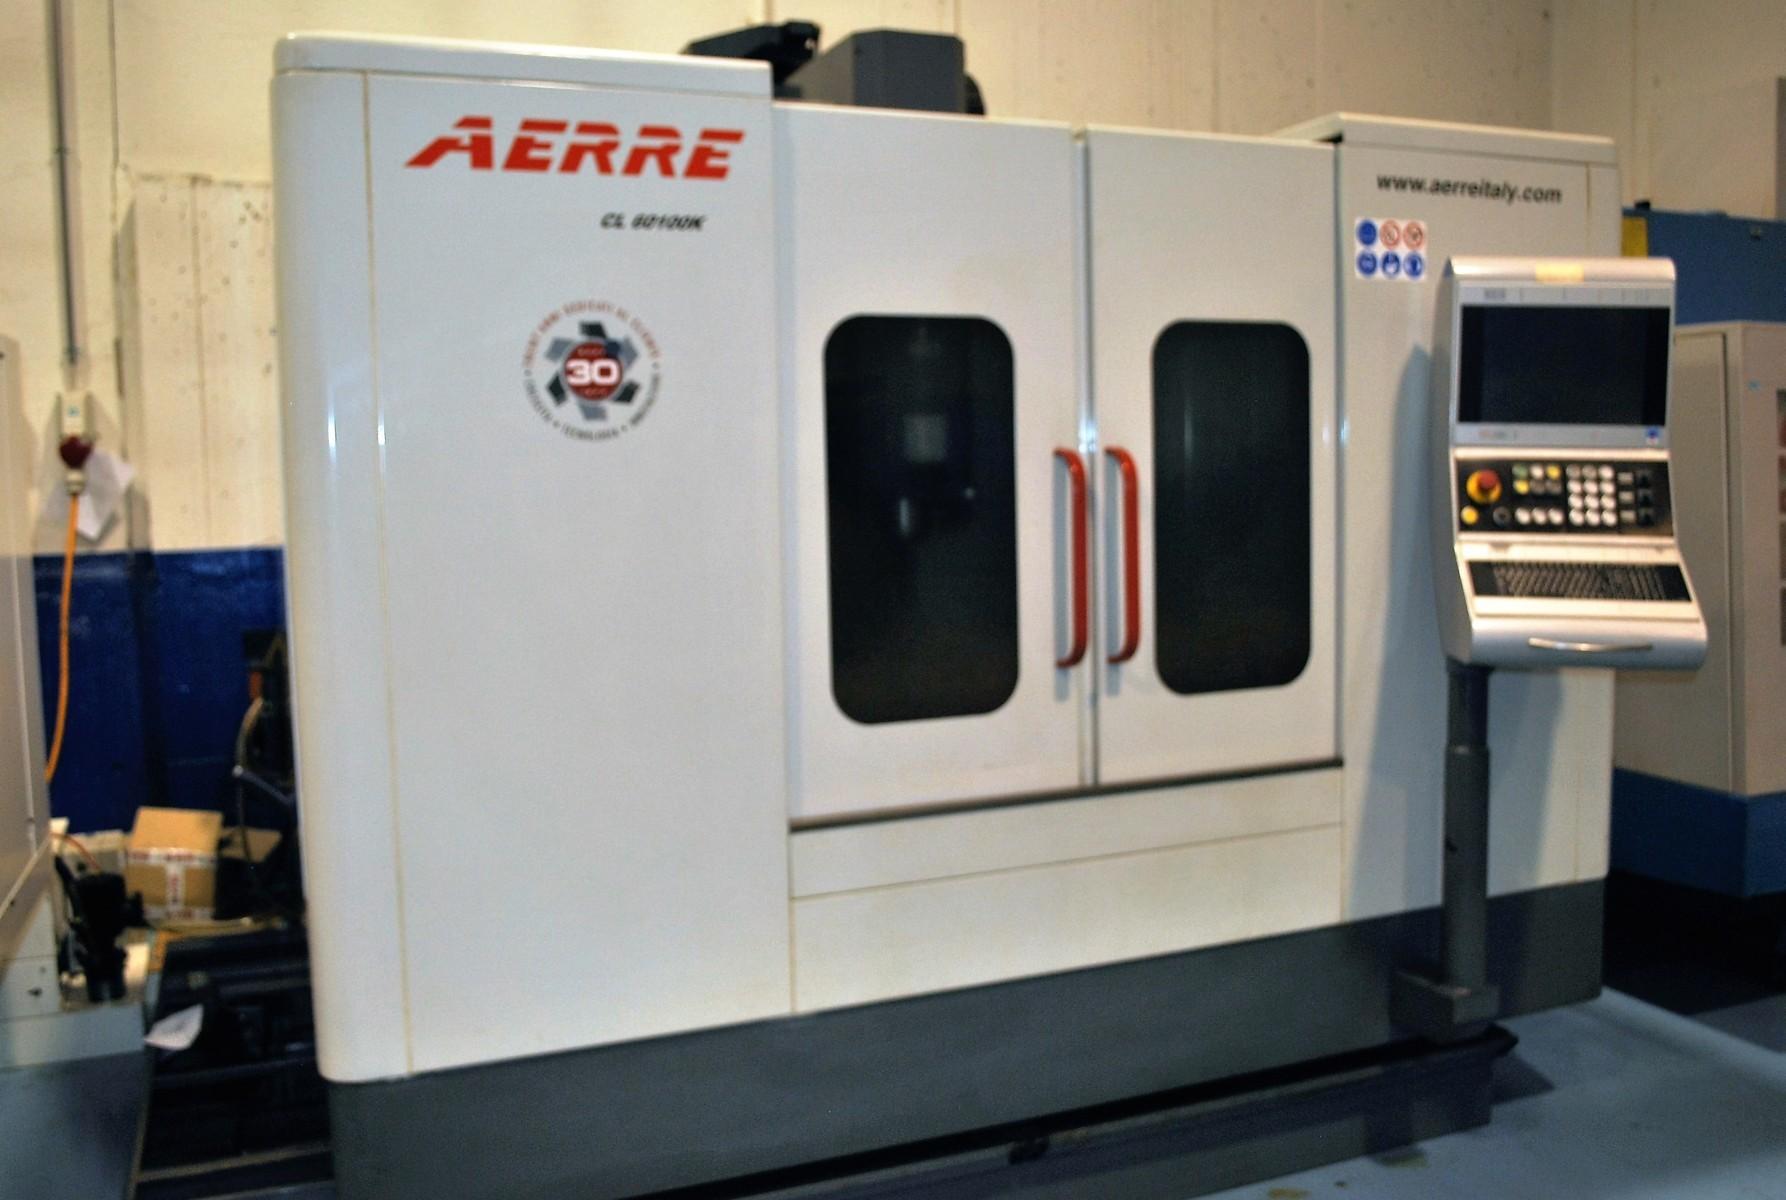 AERRE - CL 60100K